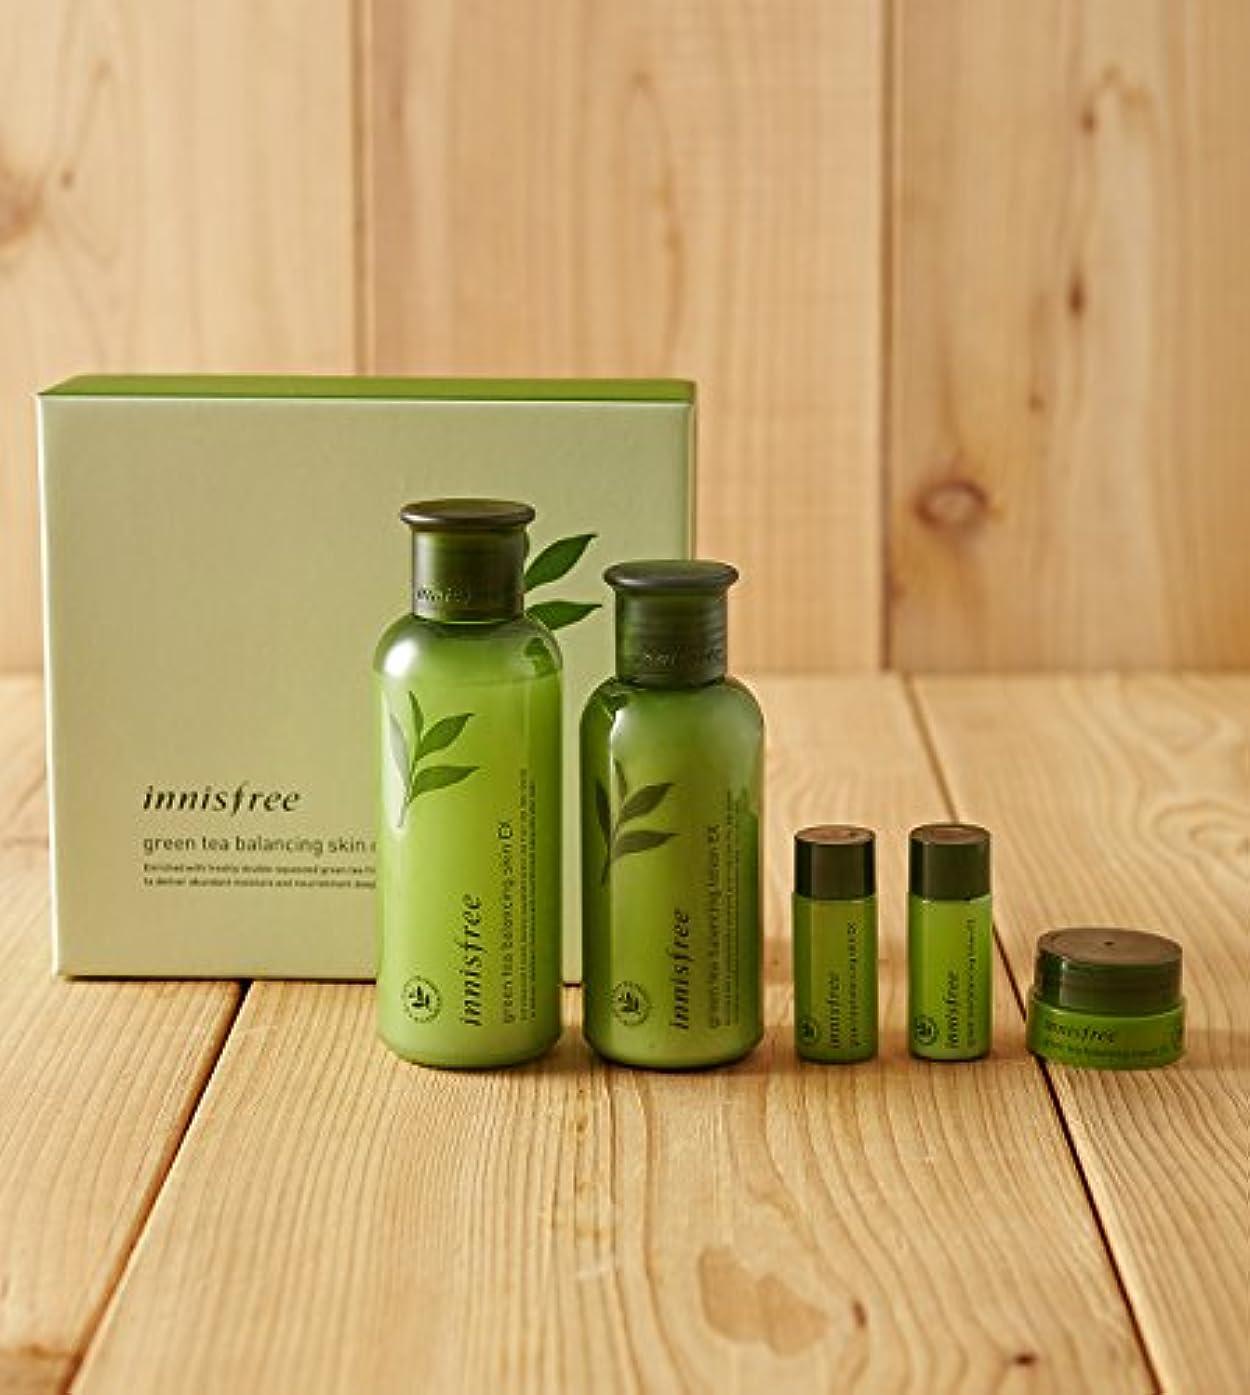 メールビリーぴかぴかinnisfree green tea balancing skin care set ex/イニスフリーグリーンティーバランシングスキンケアセットex